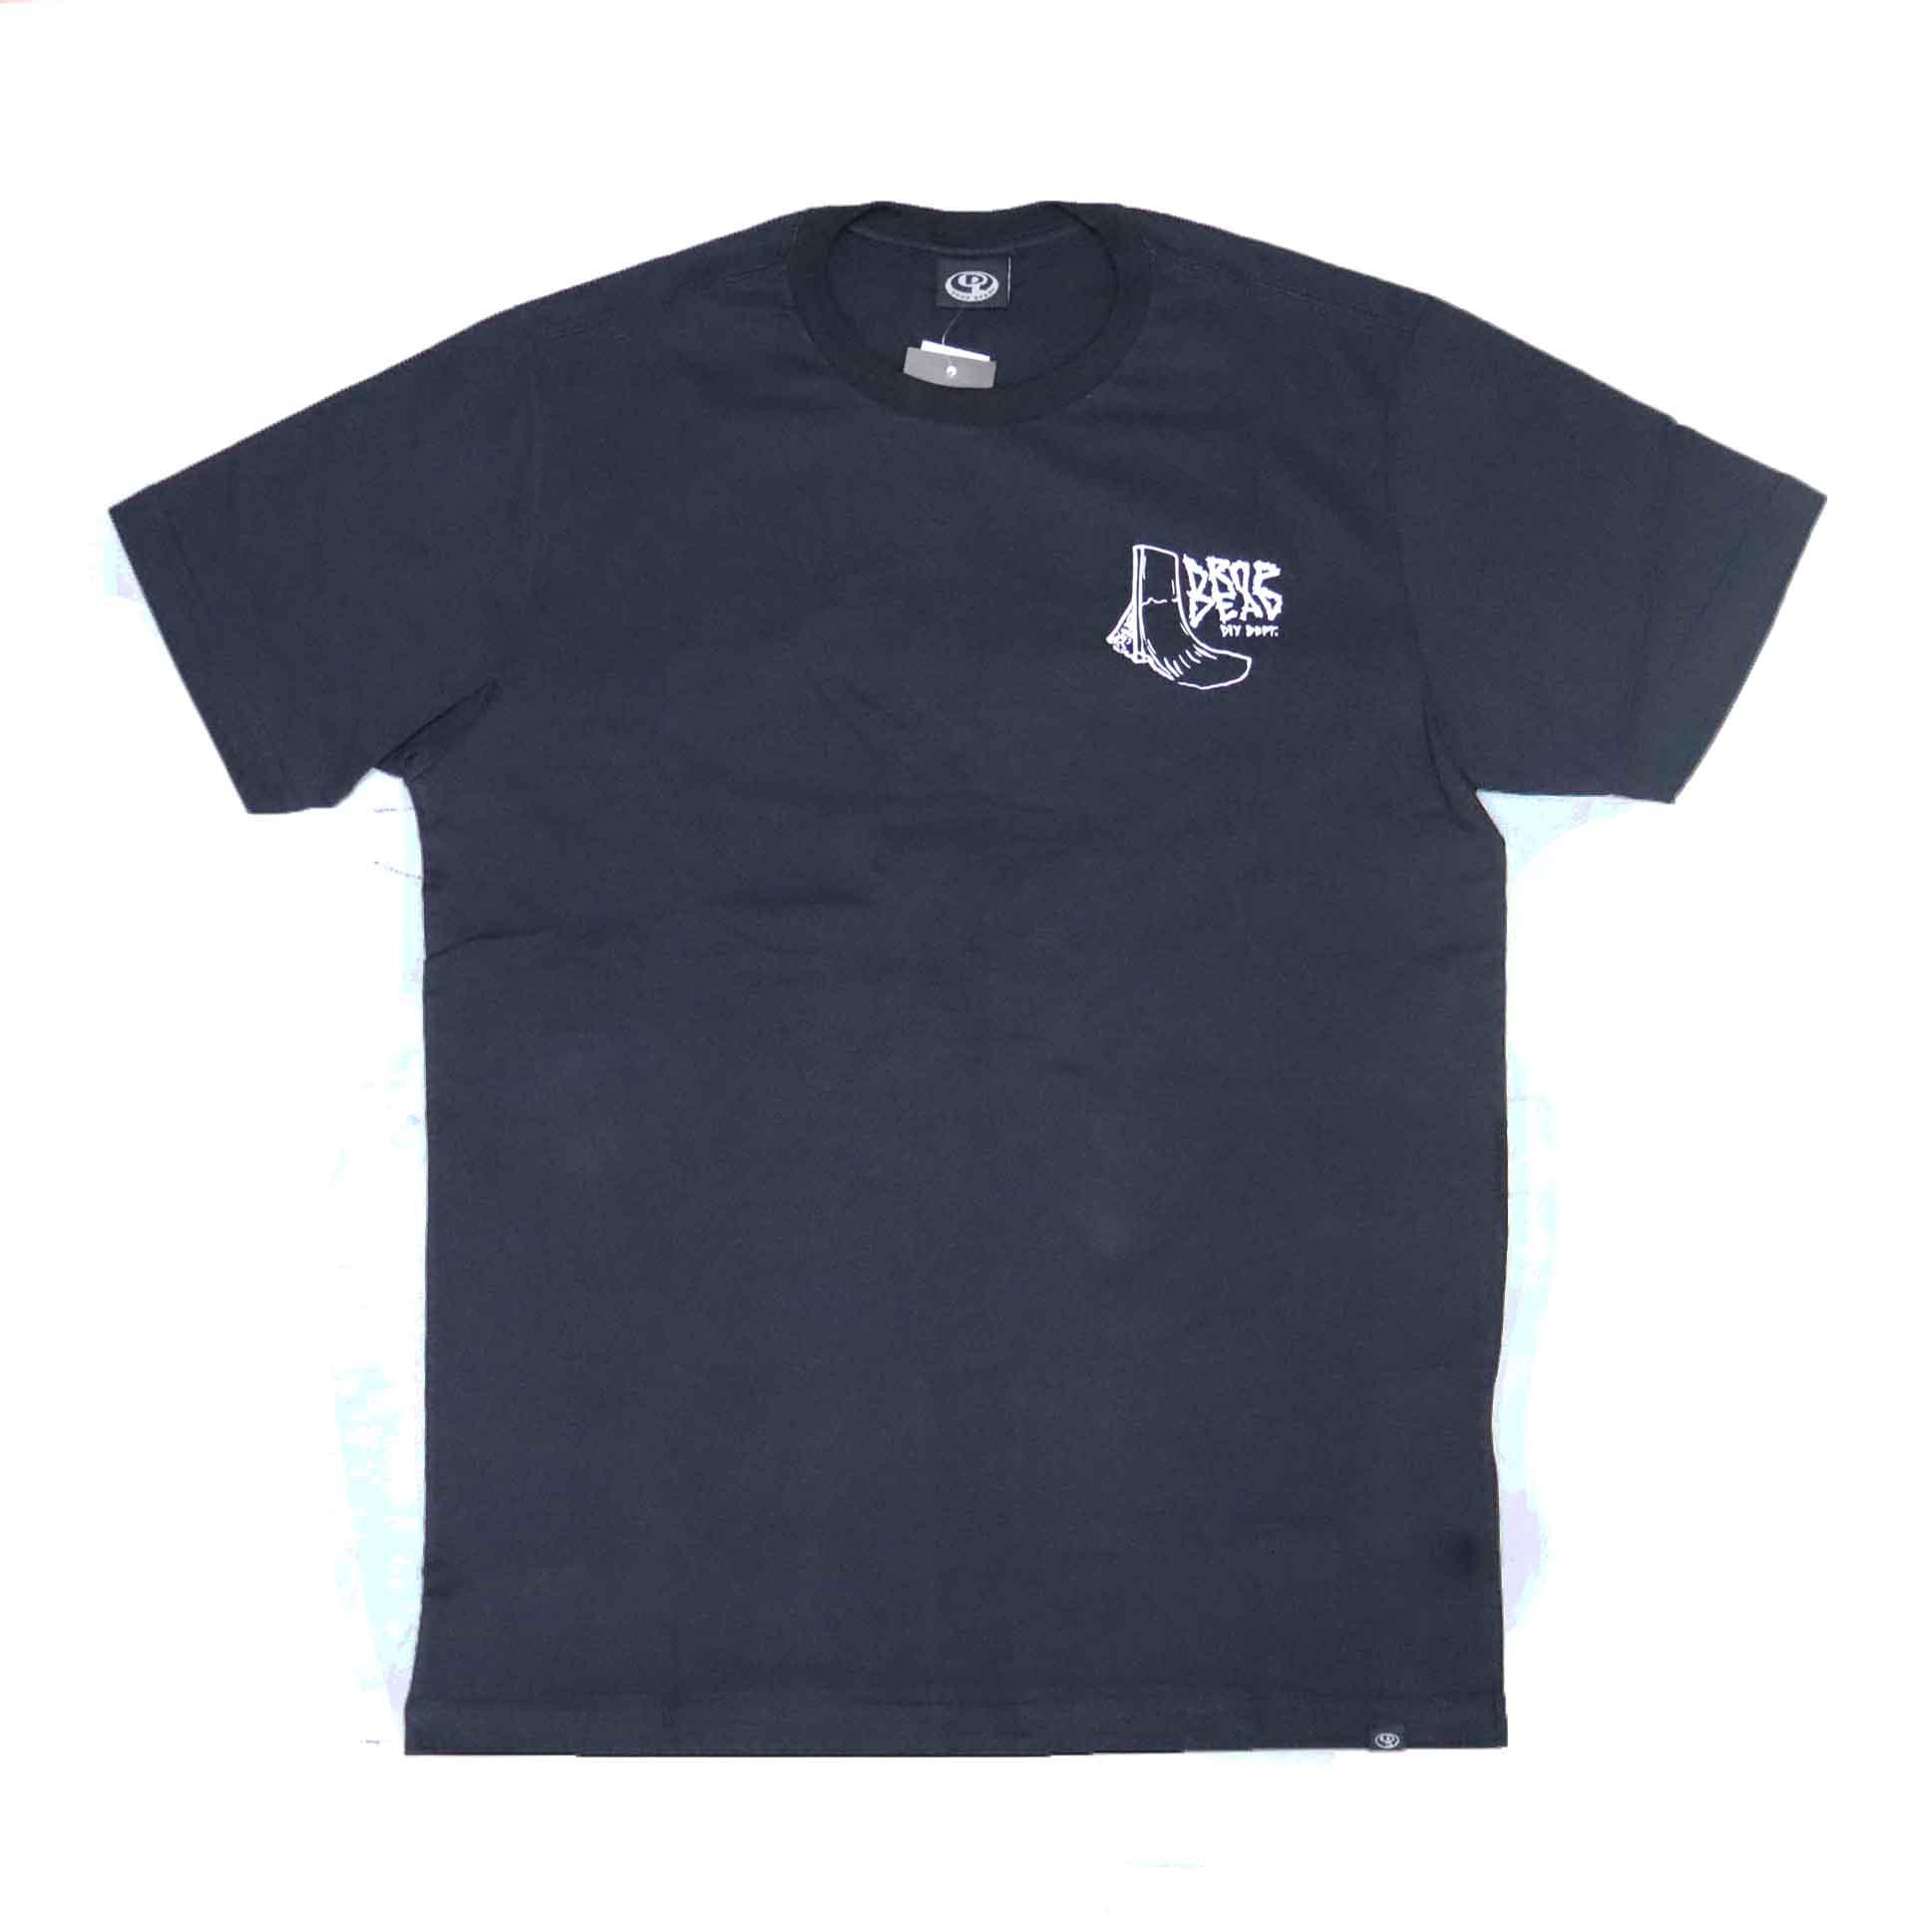 Camiseta Drop Dead DIY Dept - Preto